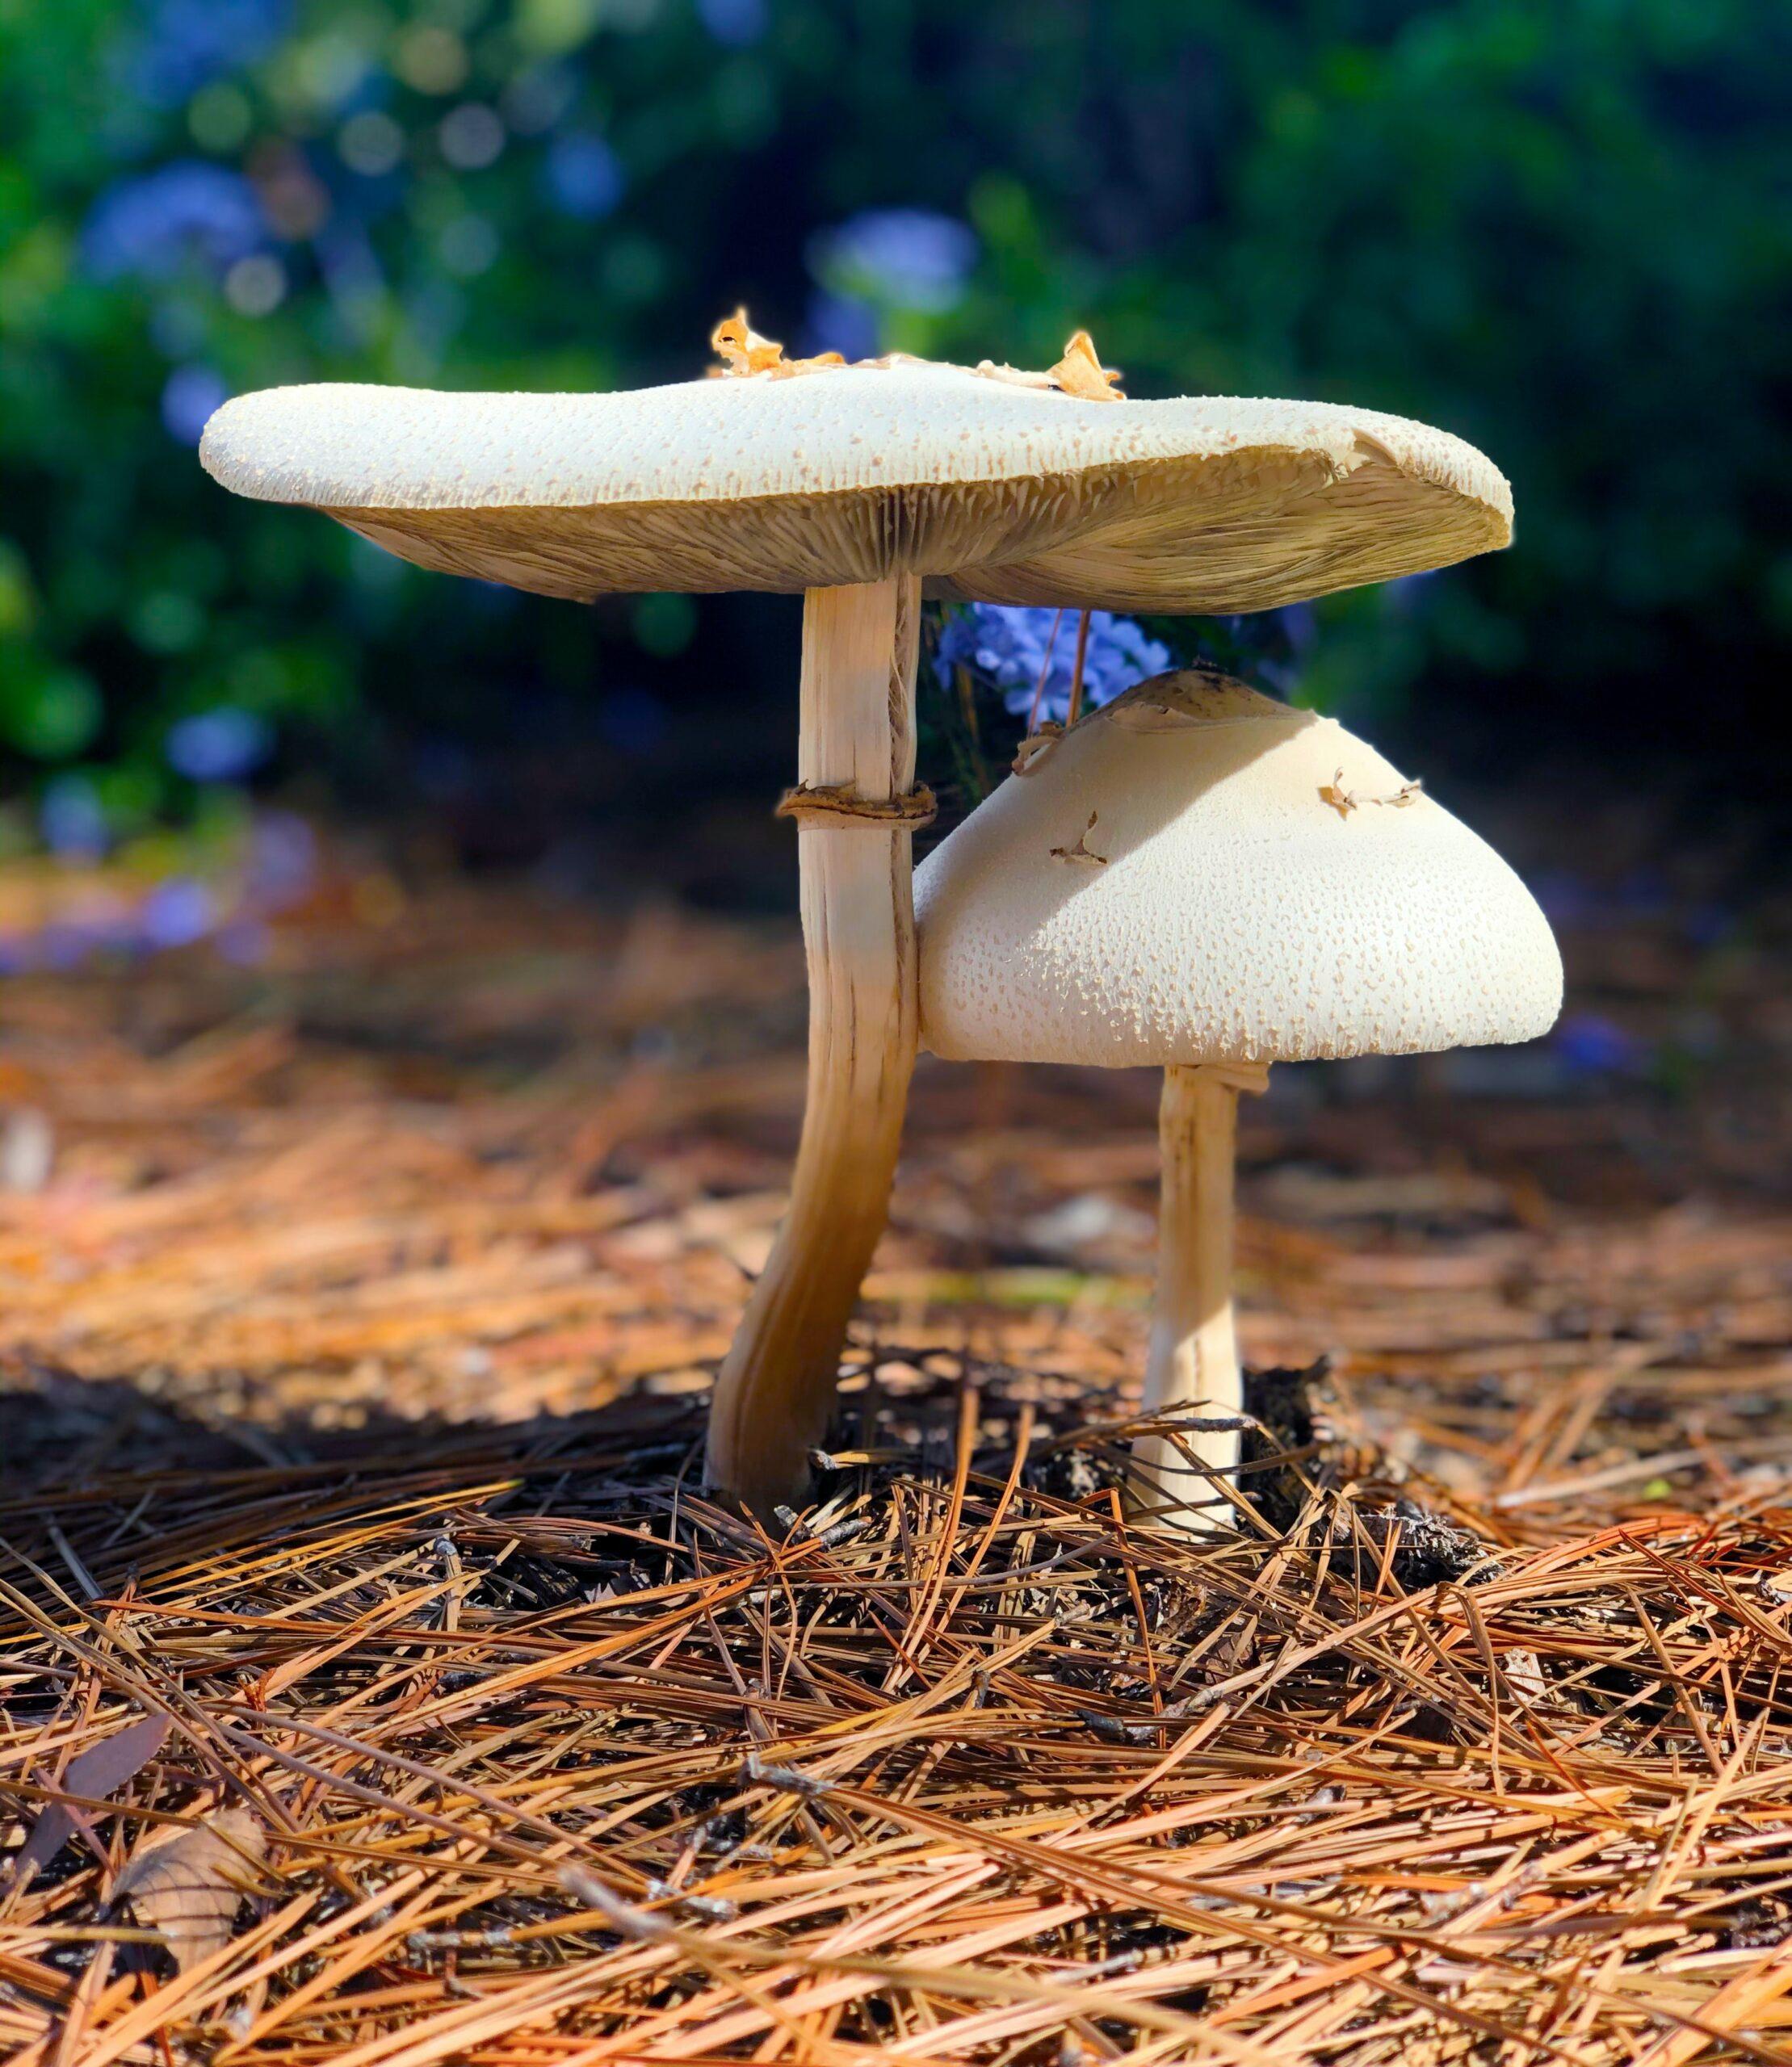 「食力」路邊的野菇別亂採!「綠褶菇」看似無害卻能讓你中毒